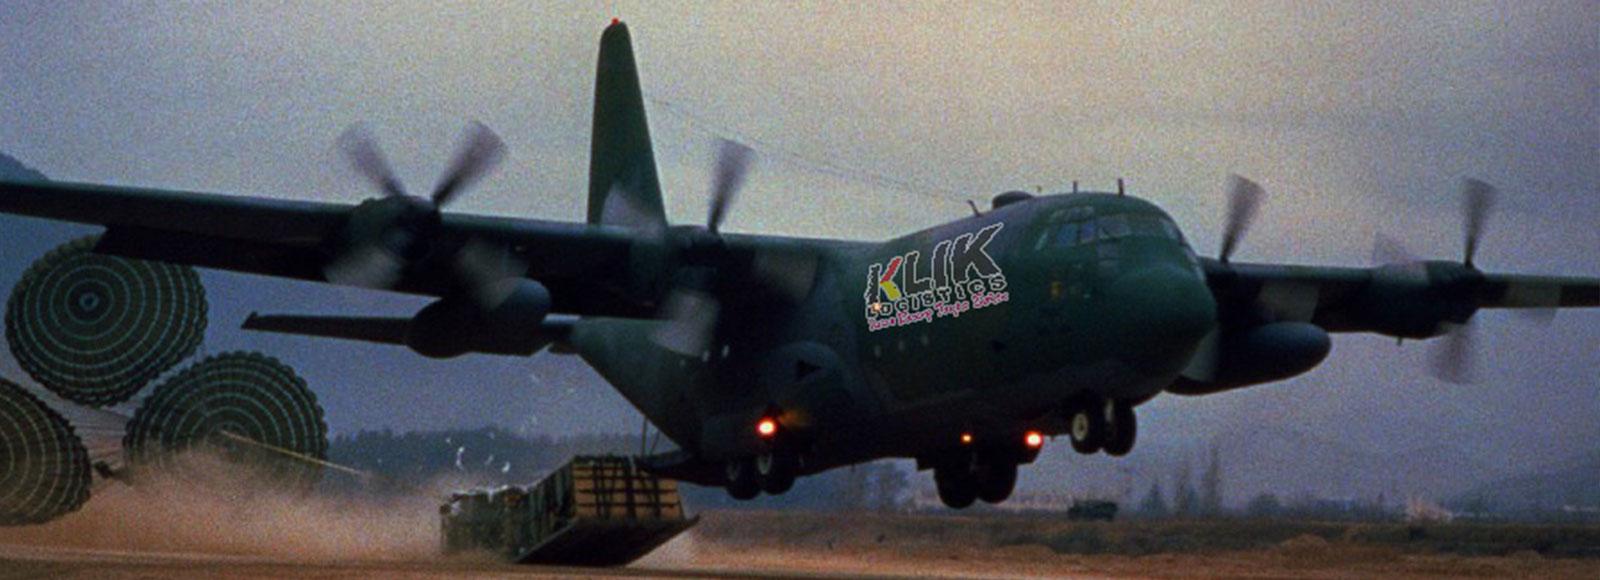 kl-banner-2